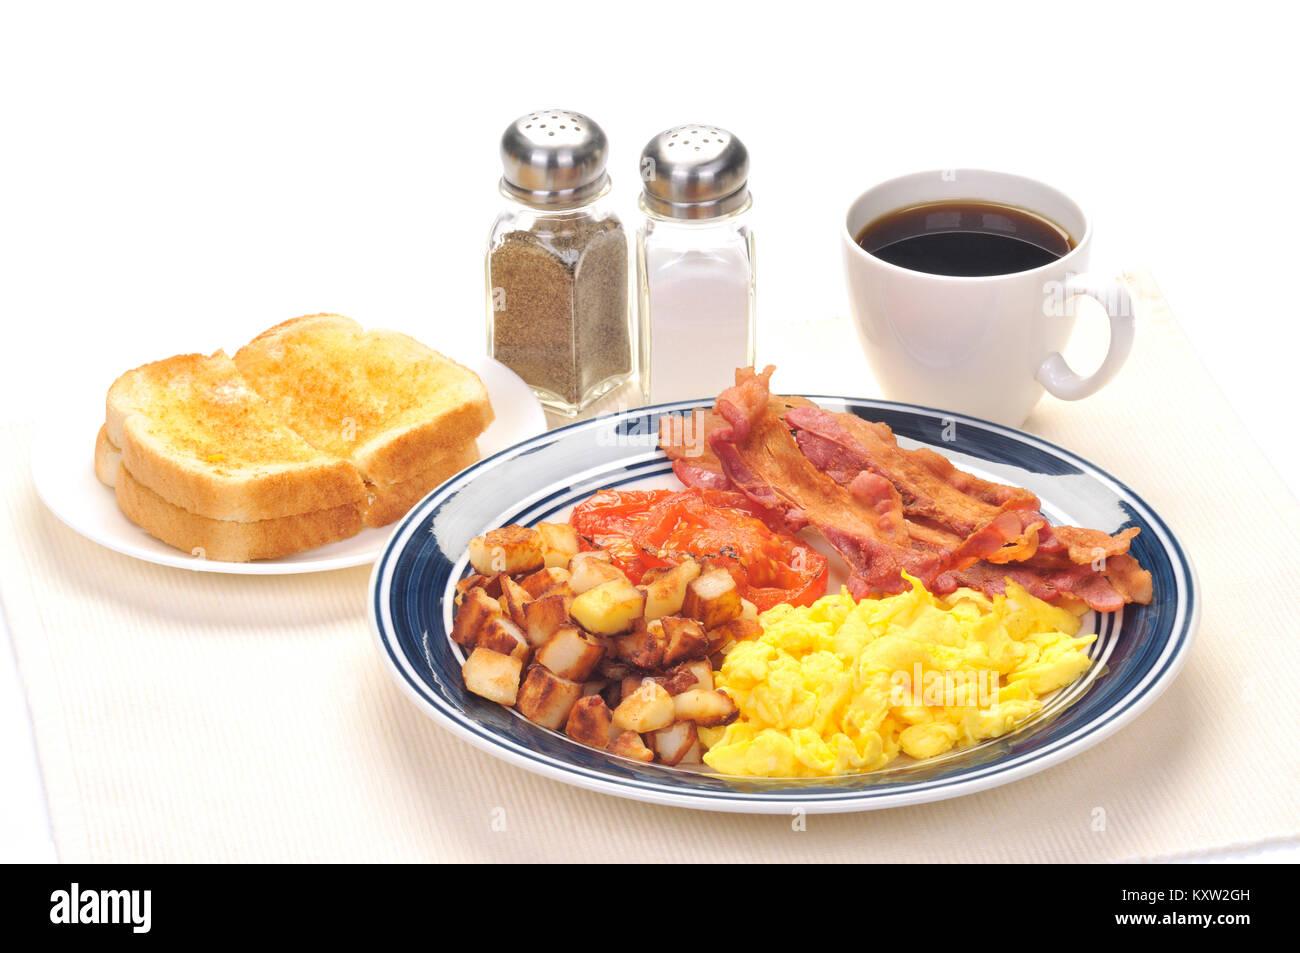 Placa azul desayuno especial con huevos revueltos, papas ralladas, tiras de tocino, tomates asados, pan blanco tostado Foto de stock